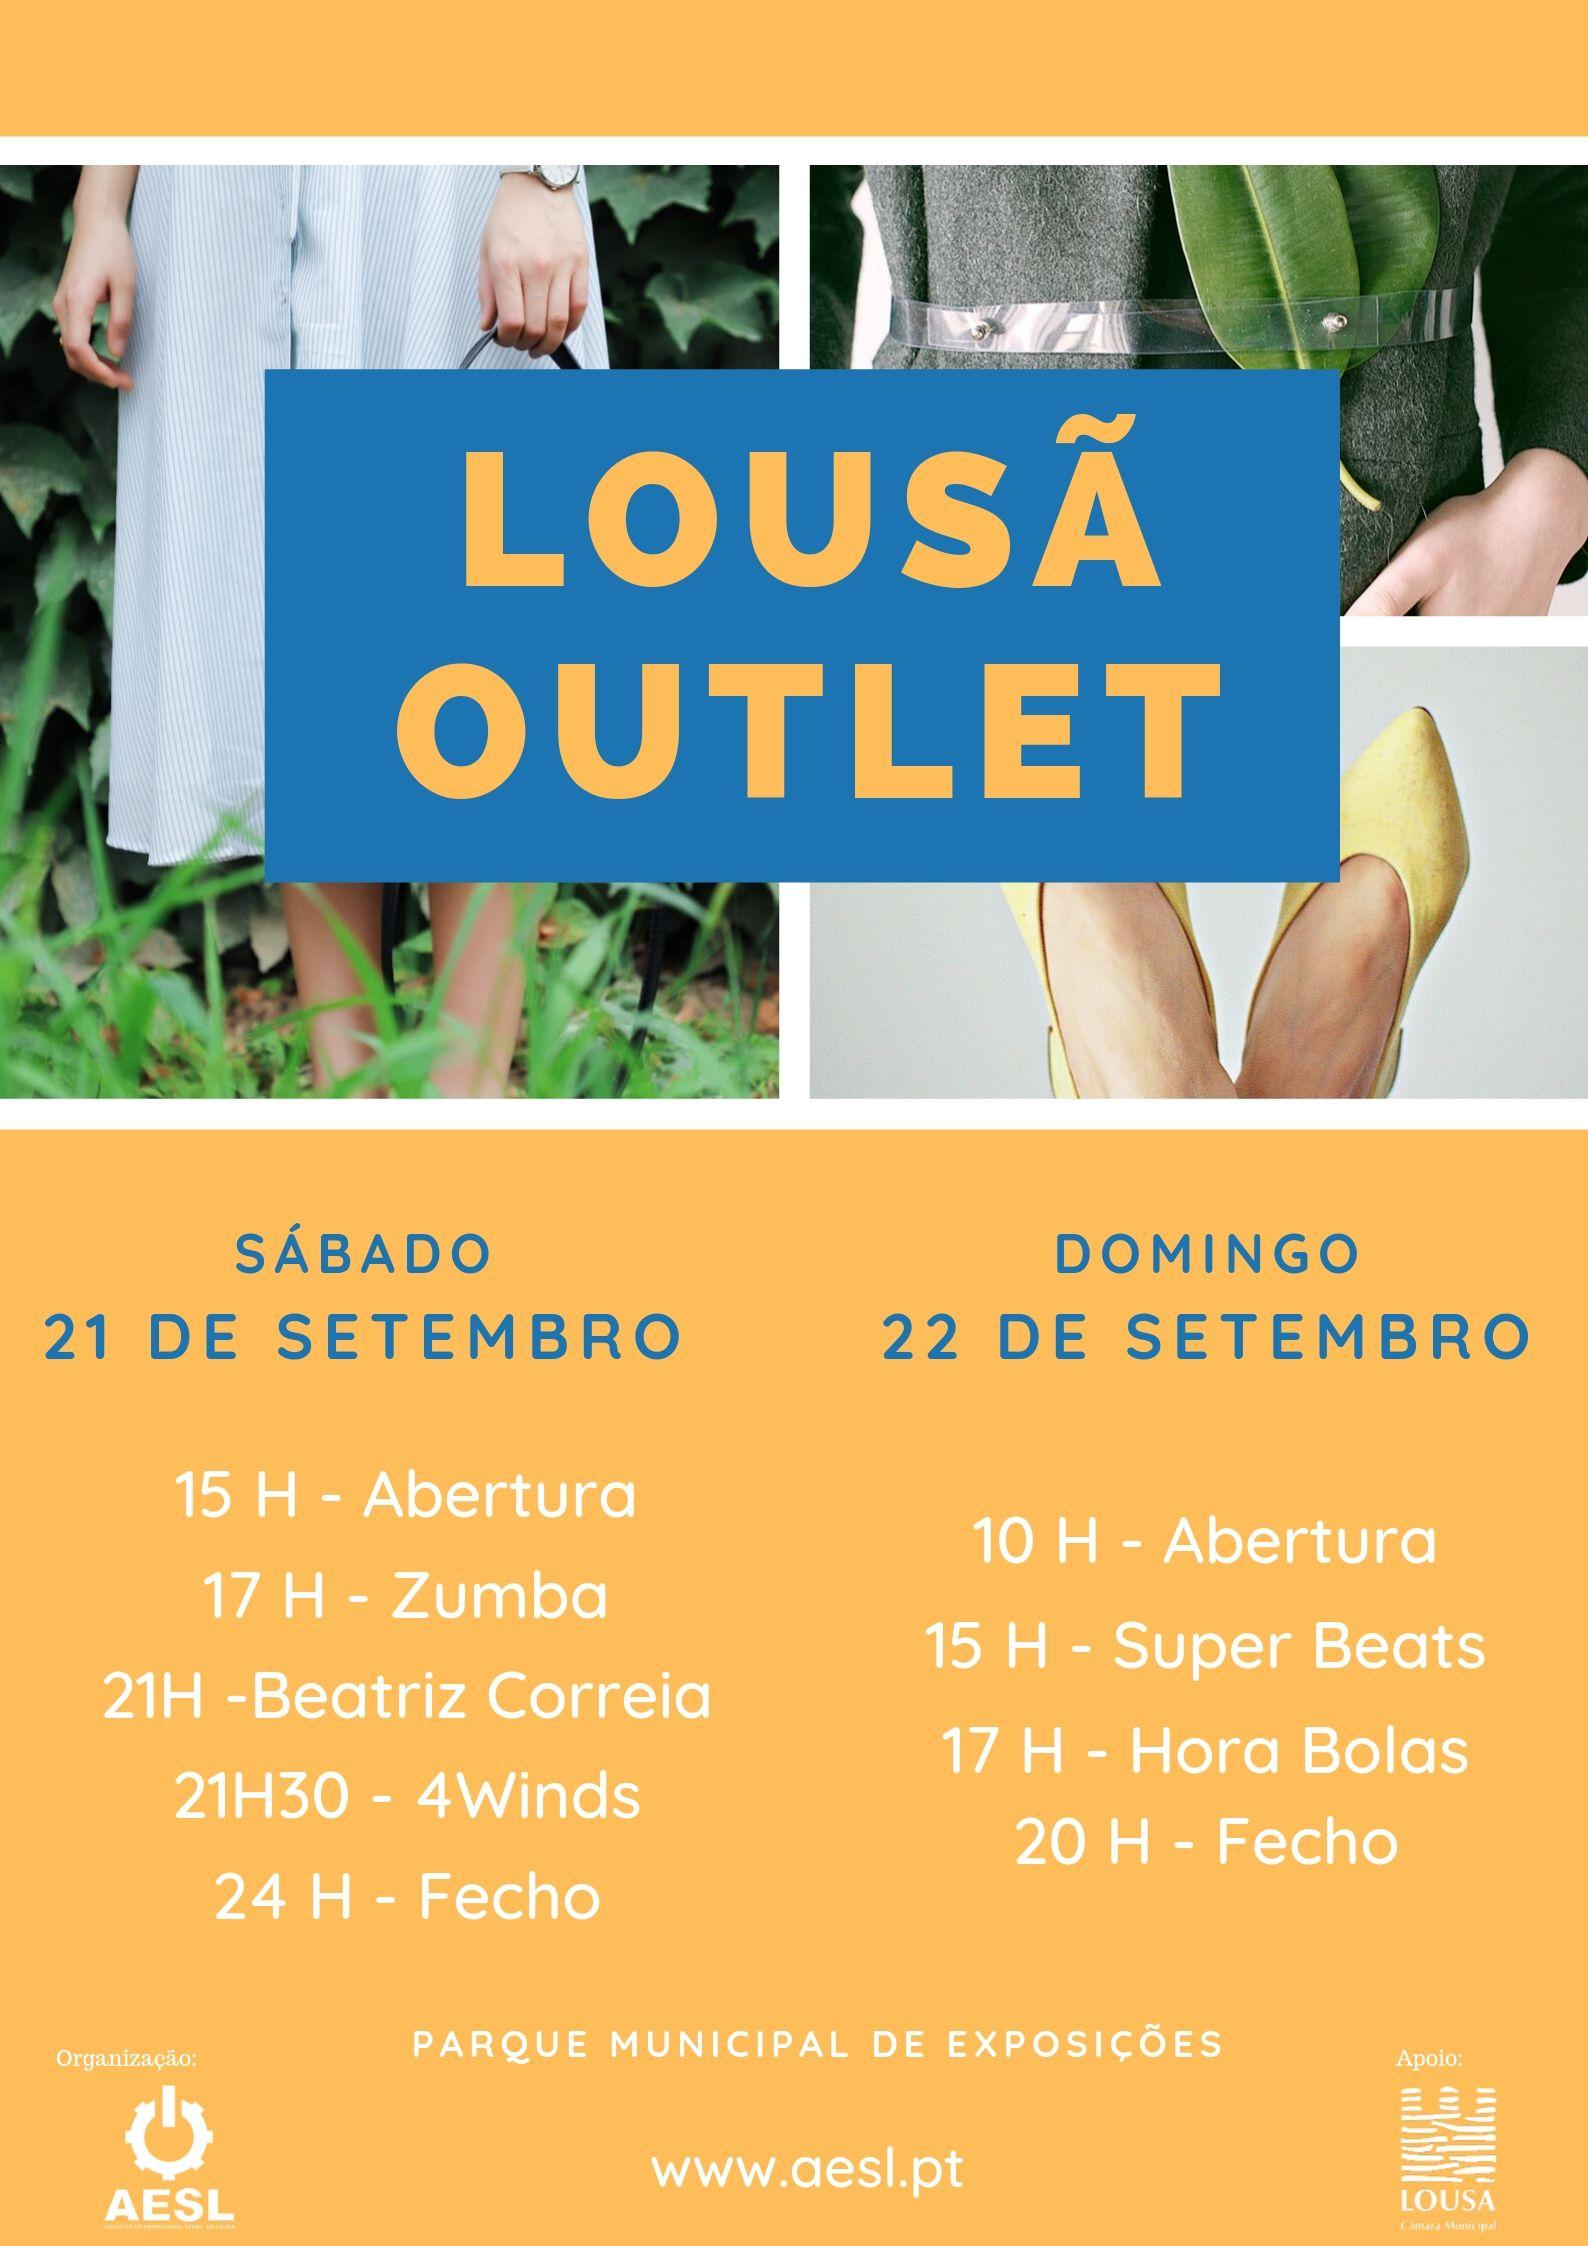 LOUSÃ OUTLET